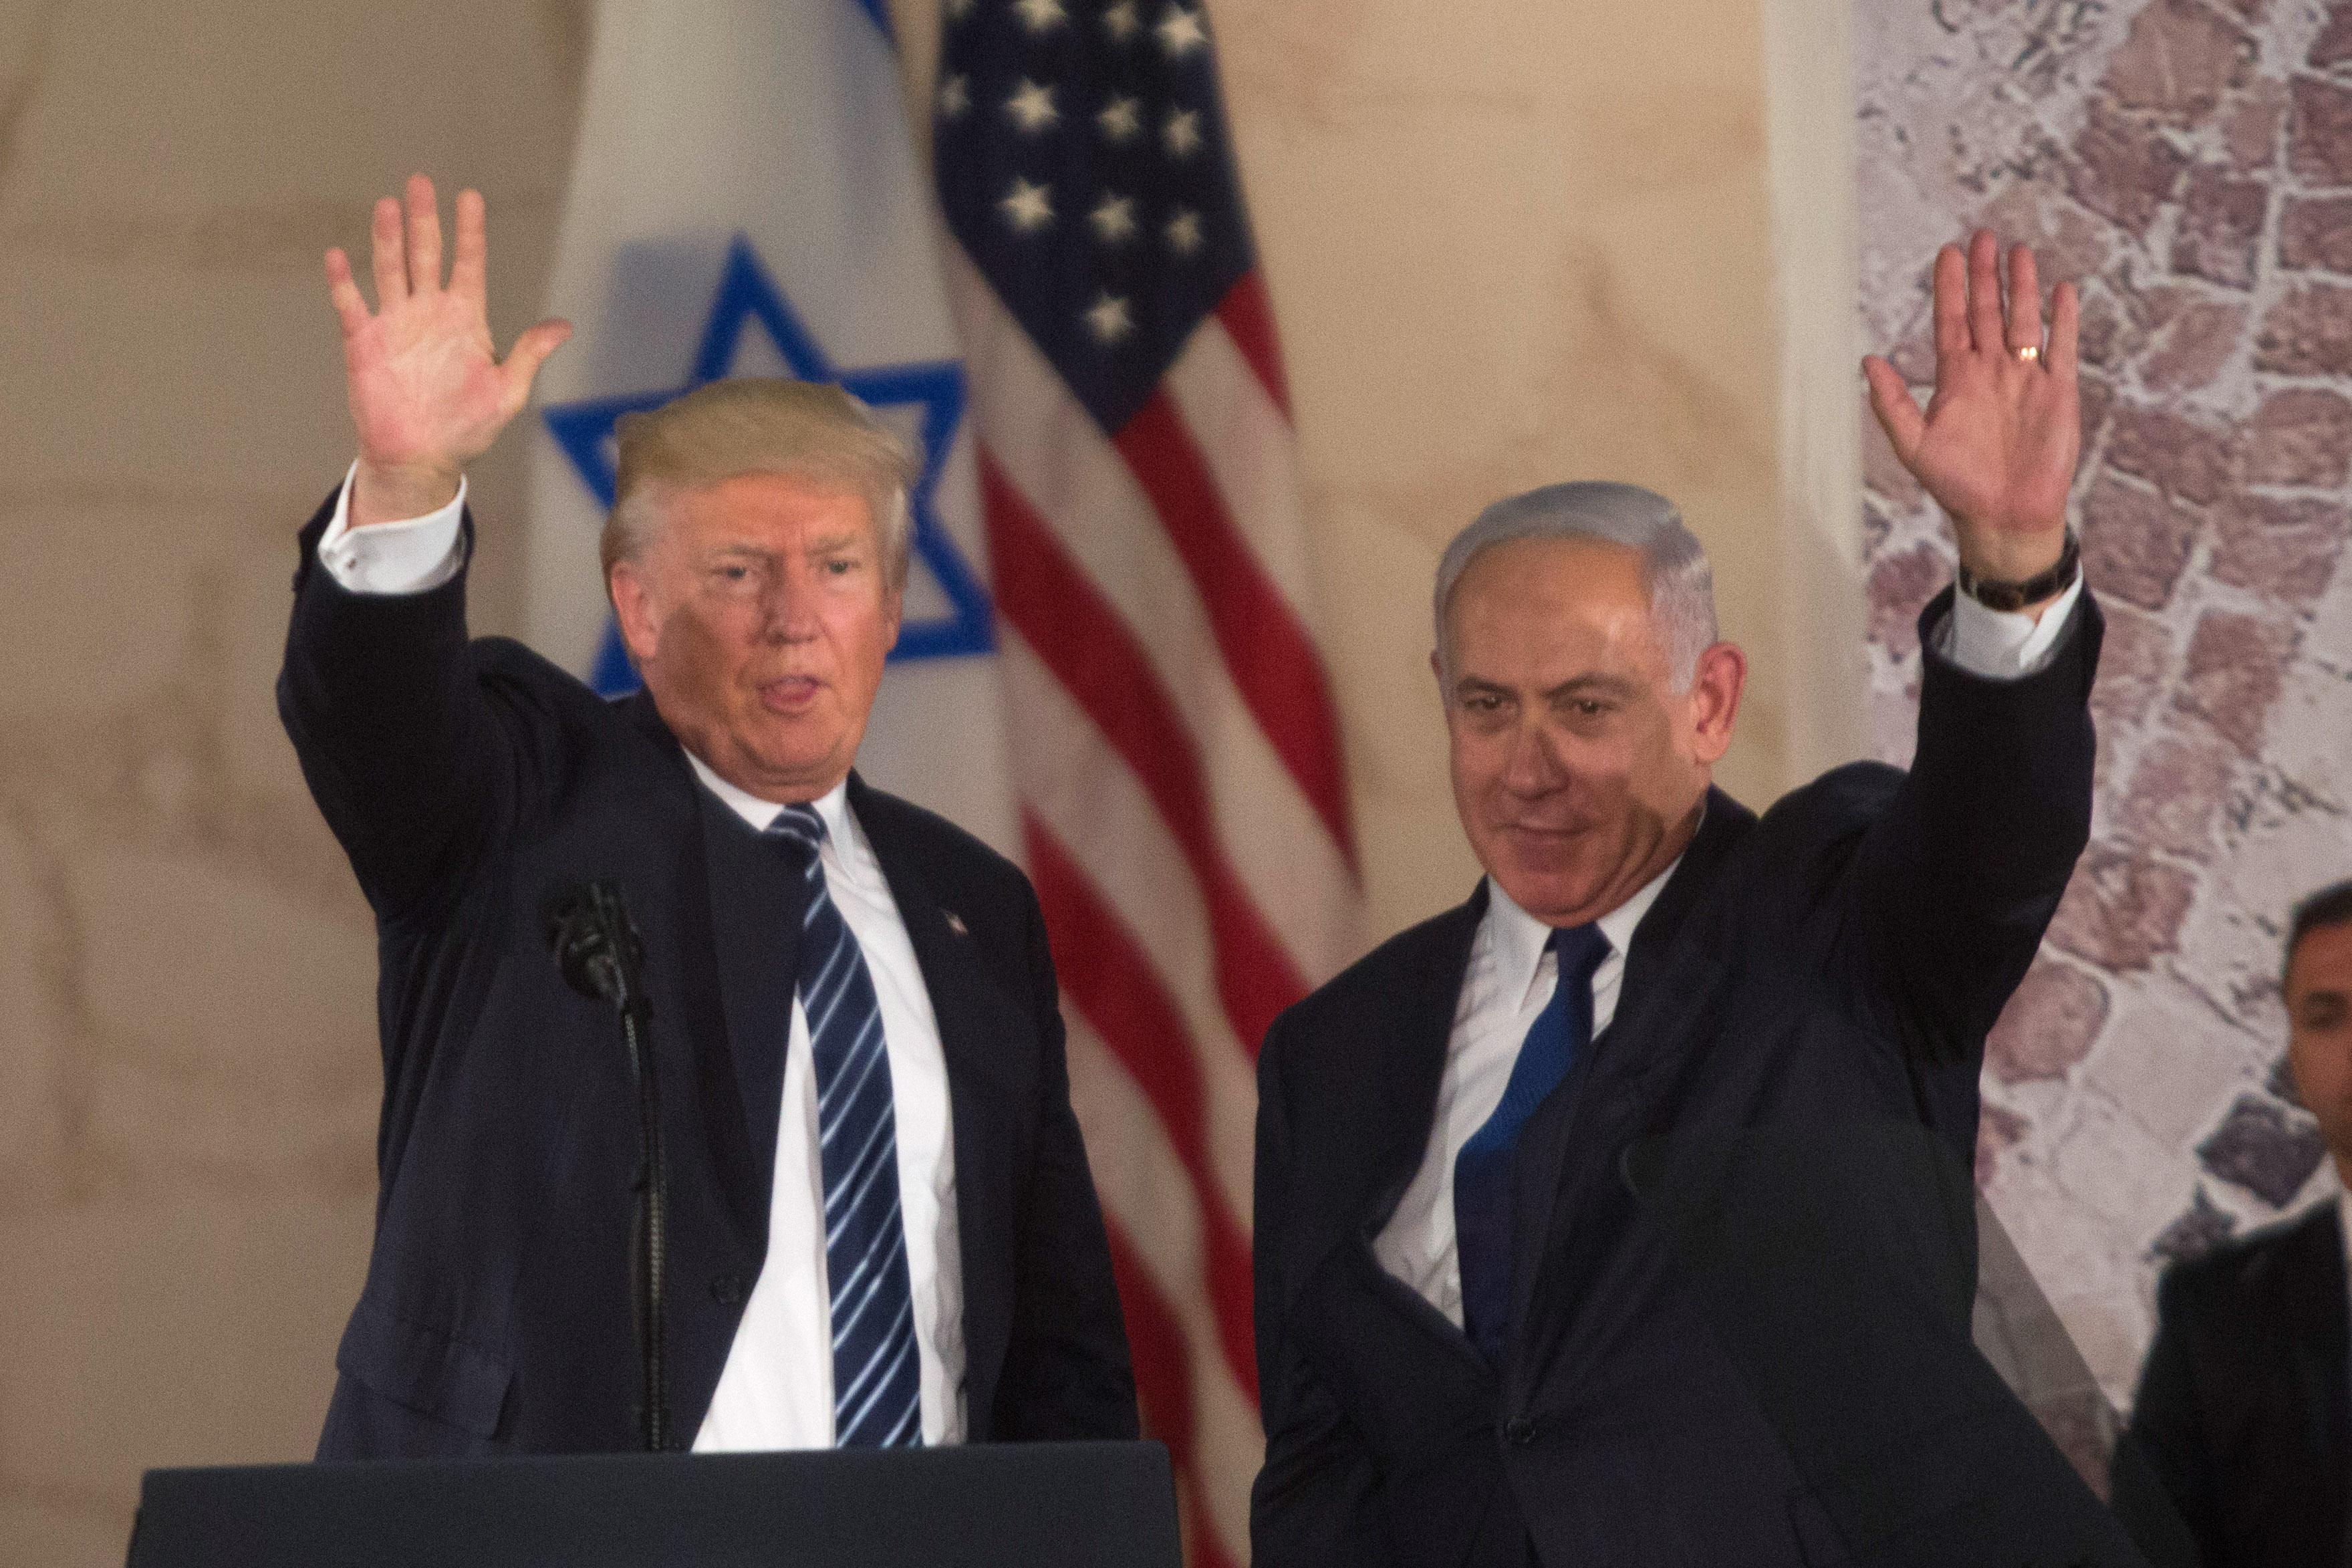 Statele Unite avertizeaza Israelul sa amane anexarile prevazute in planul lui Donald Trump